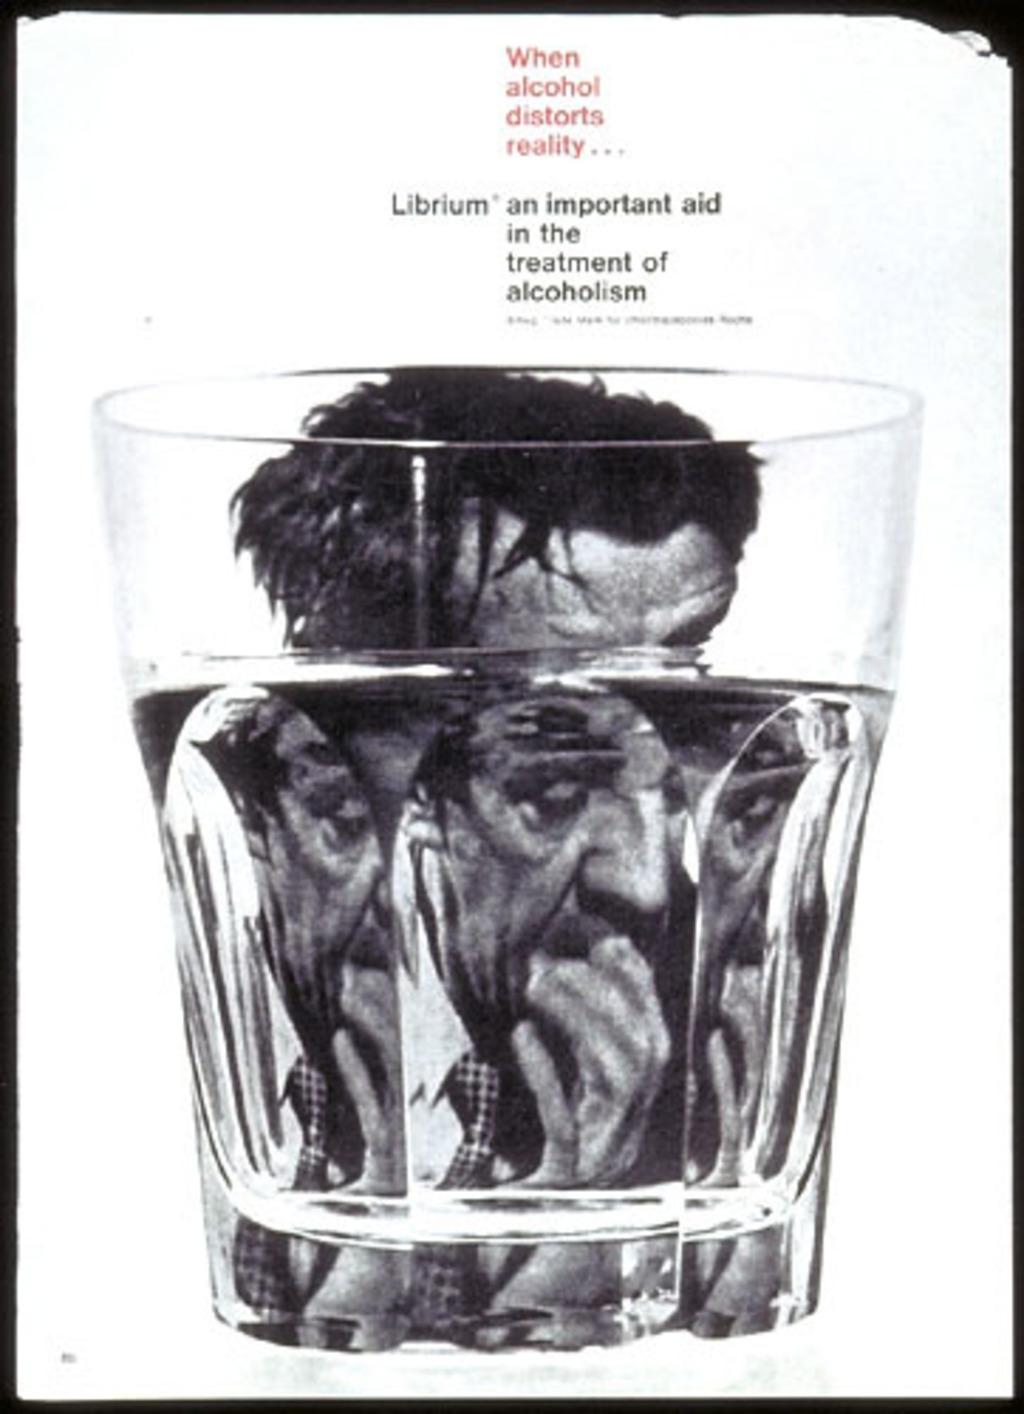 Annonce publicitaire « When Alcohol Distorts Reality... Librium », pour Roche